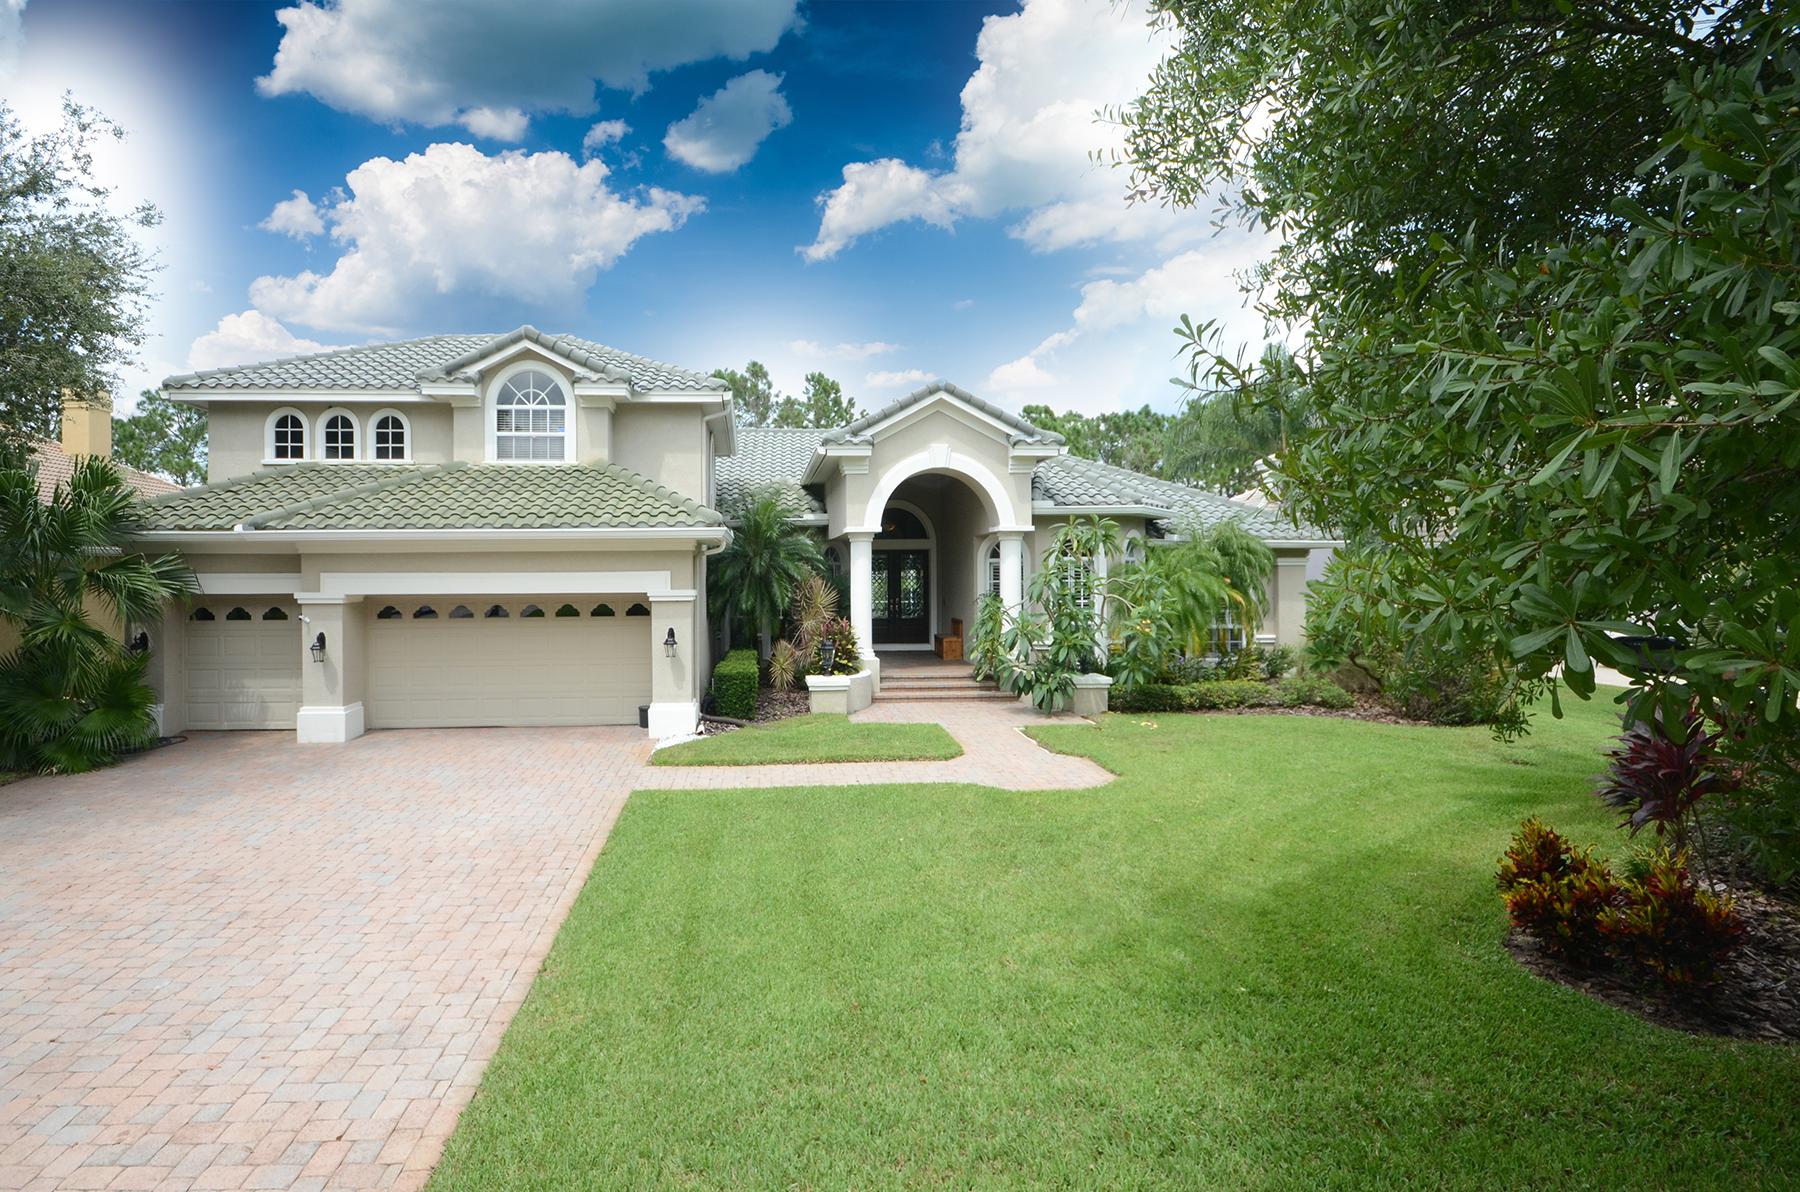 獨棟家庭住宅 為 出售 在 VALRICO 5812 Peach Heather Trl Valrico, 佛羅里達州, 33596 美國